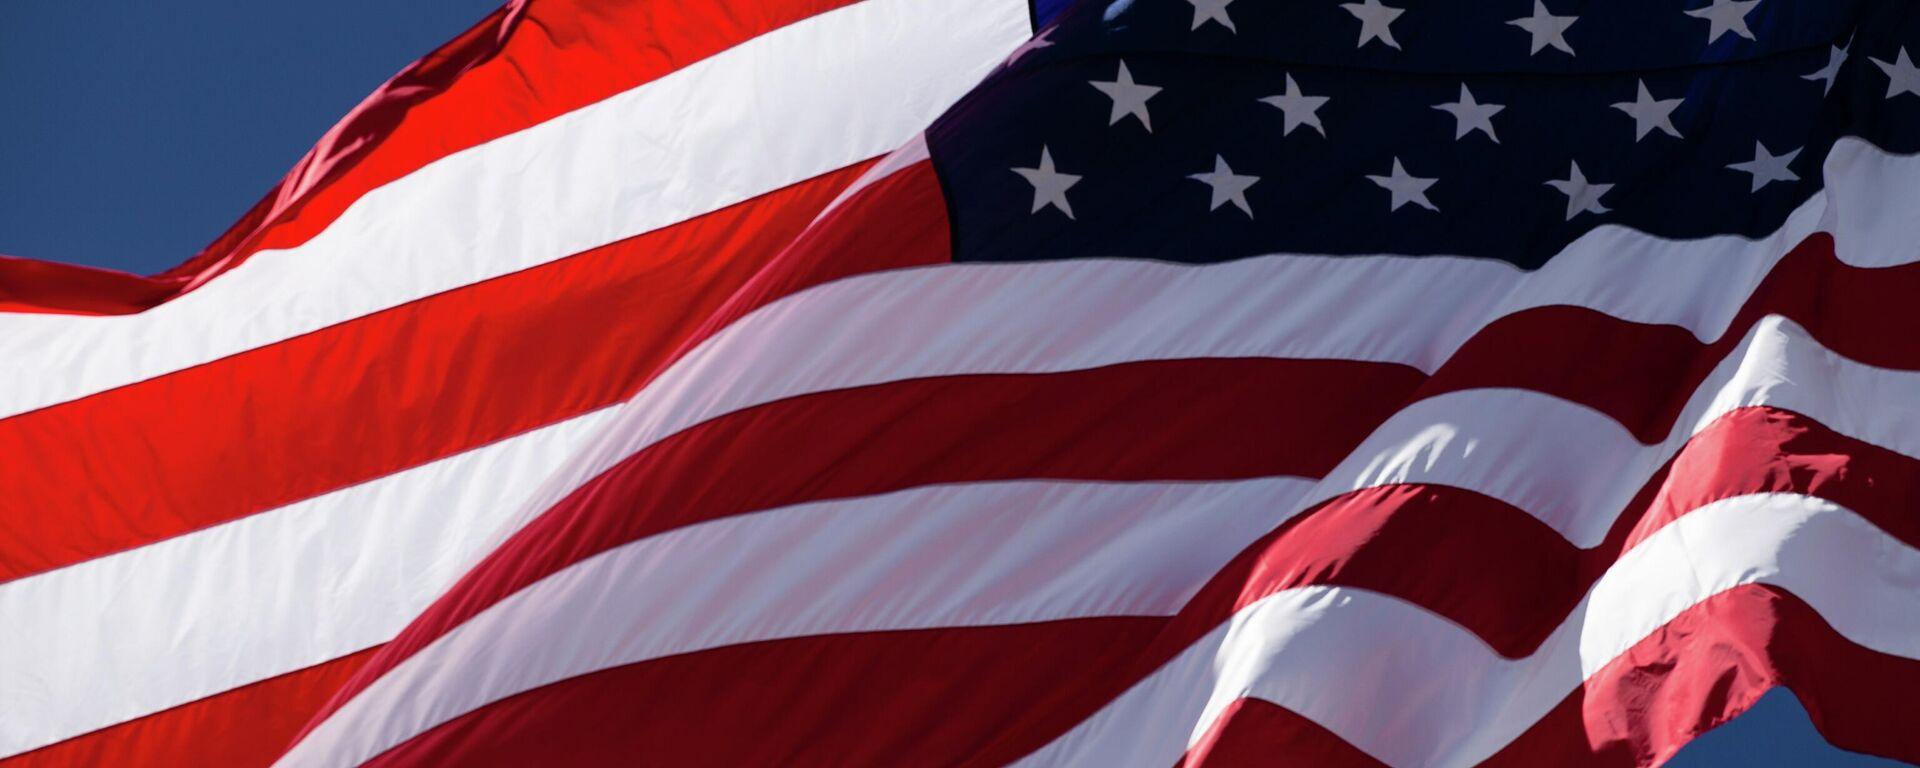 La bandera de Estados Unidos - Sputnik Mundo, 1920, 26.06.2021